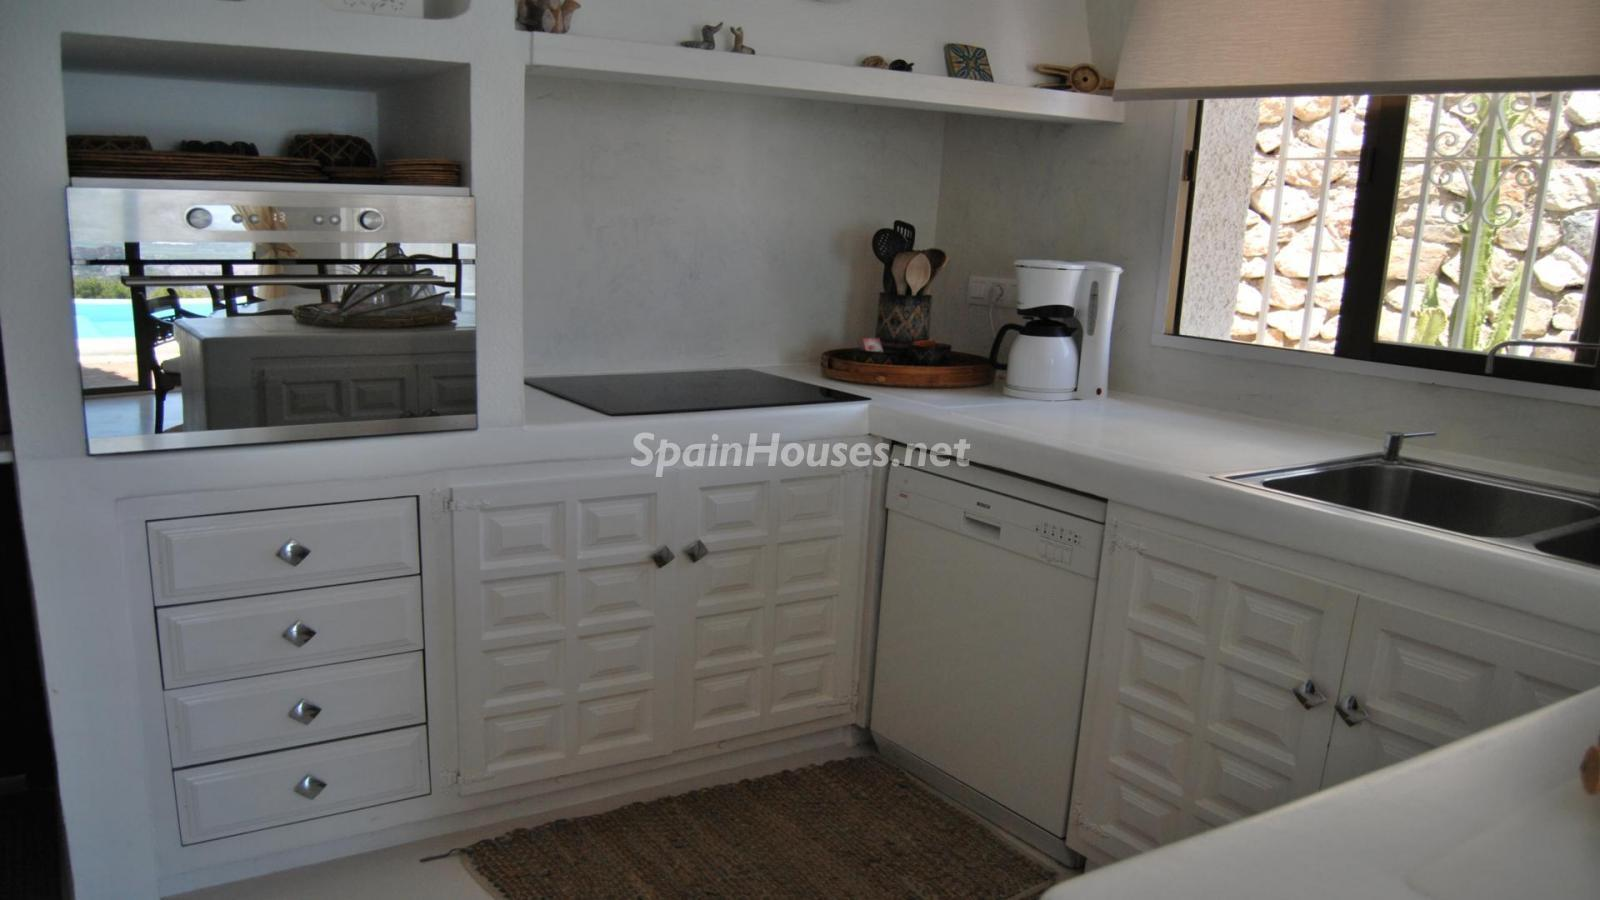 49335 2014903 foto 305272 - Exotic villa in Salobreña, Granada